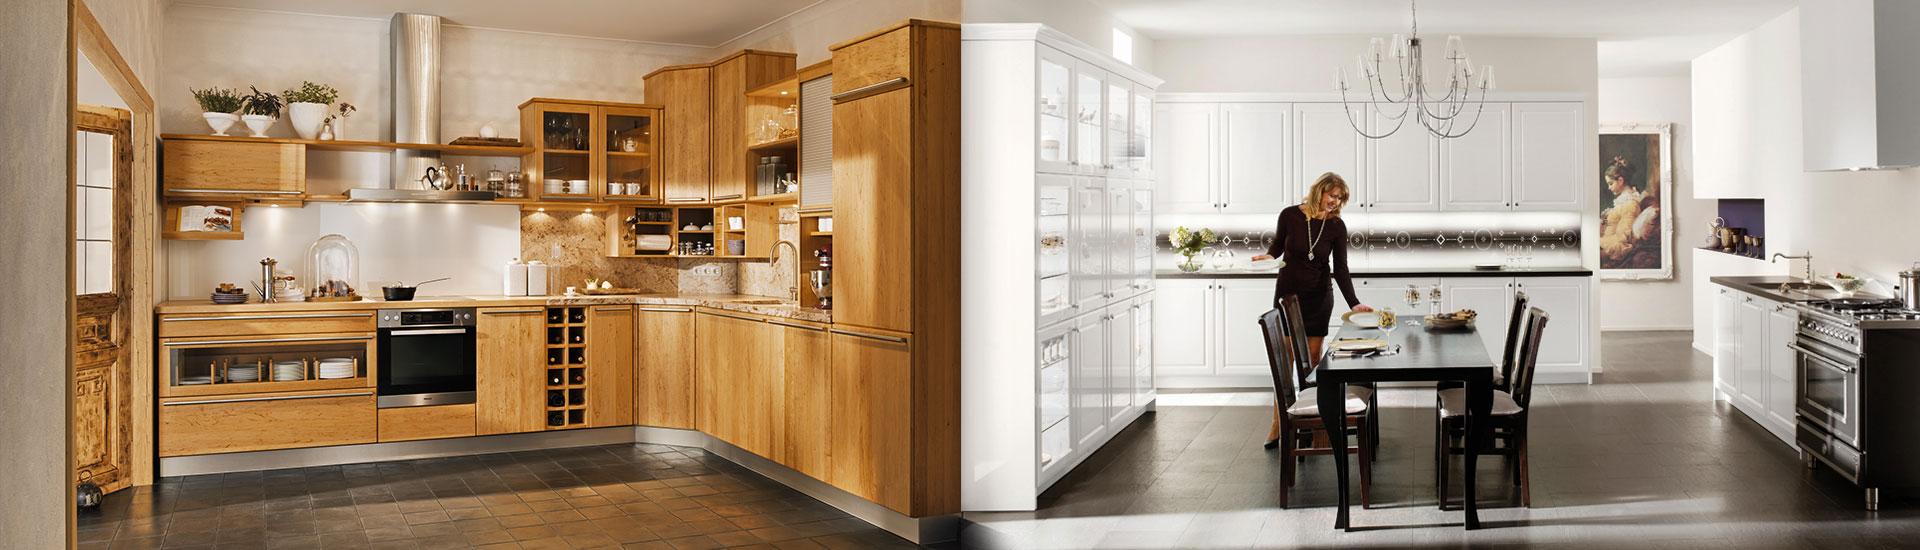 Küche Landhausstil Abverkauf. Kleine Küche Viel Stauraum Fenster ...